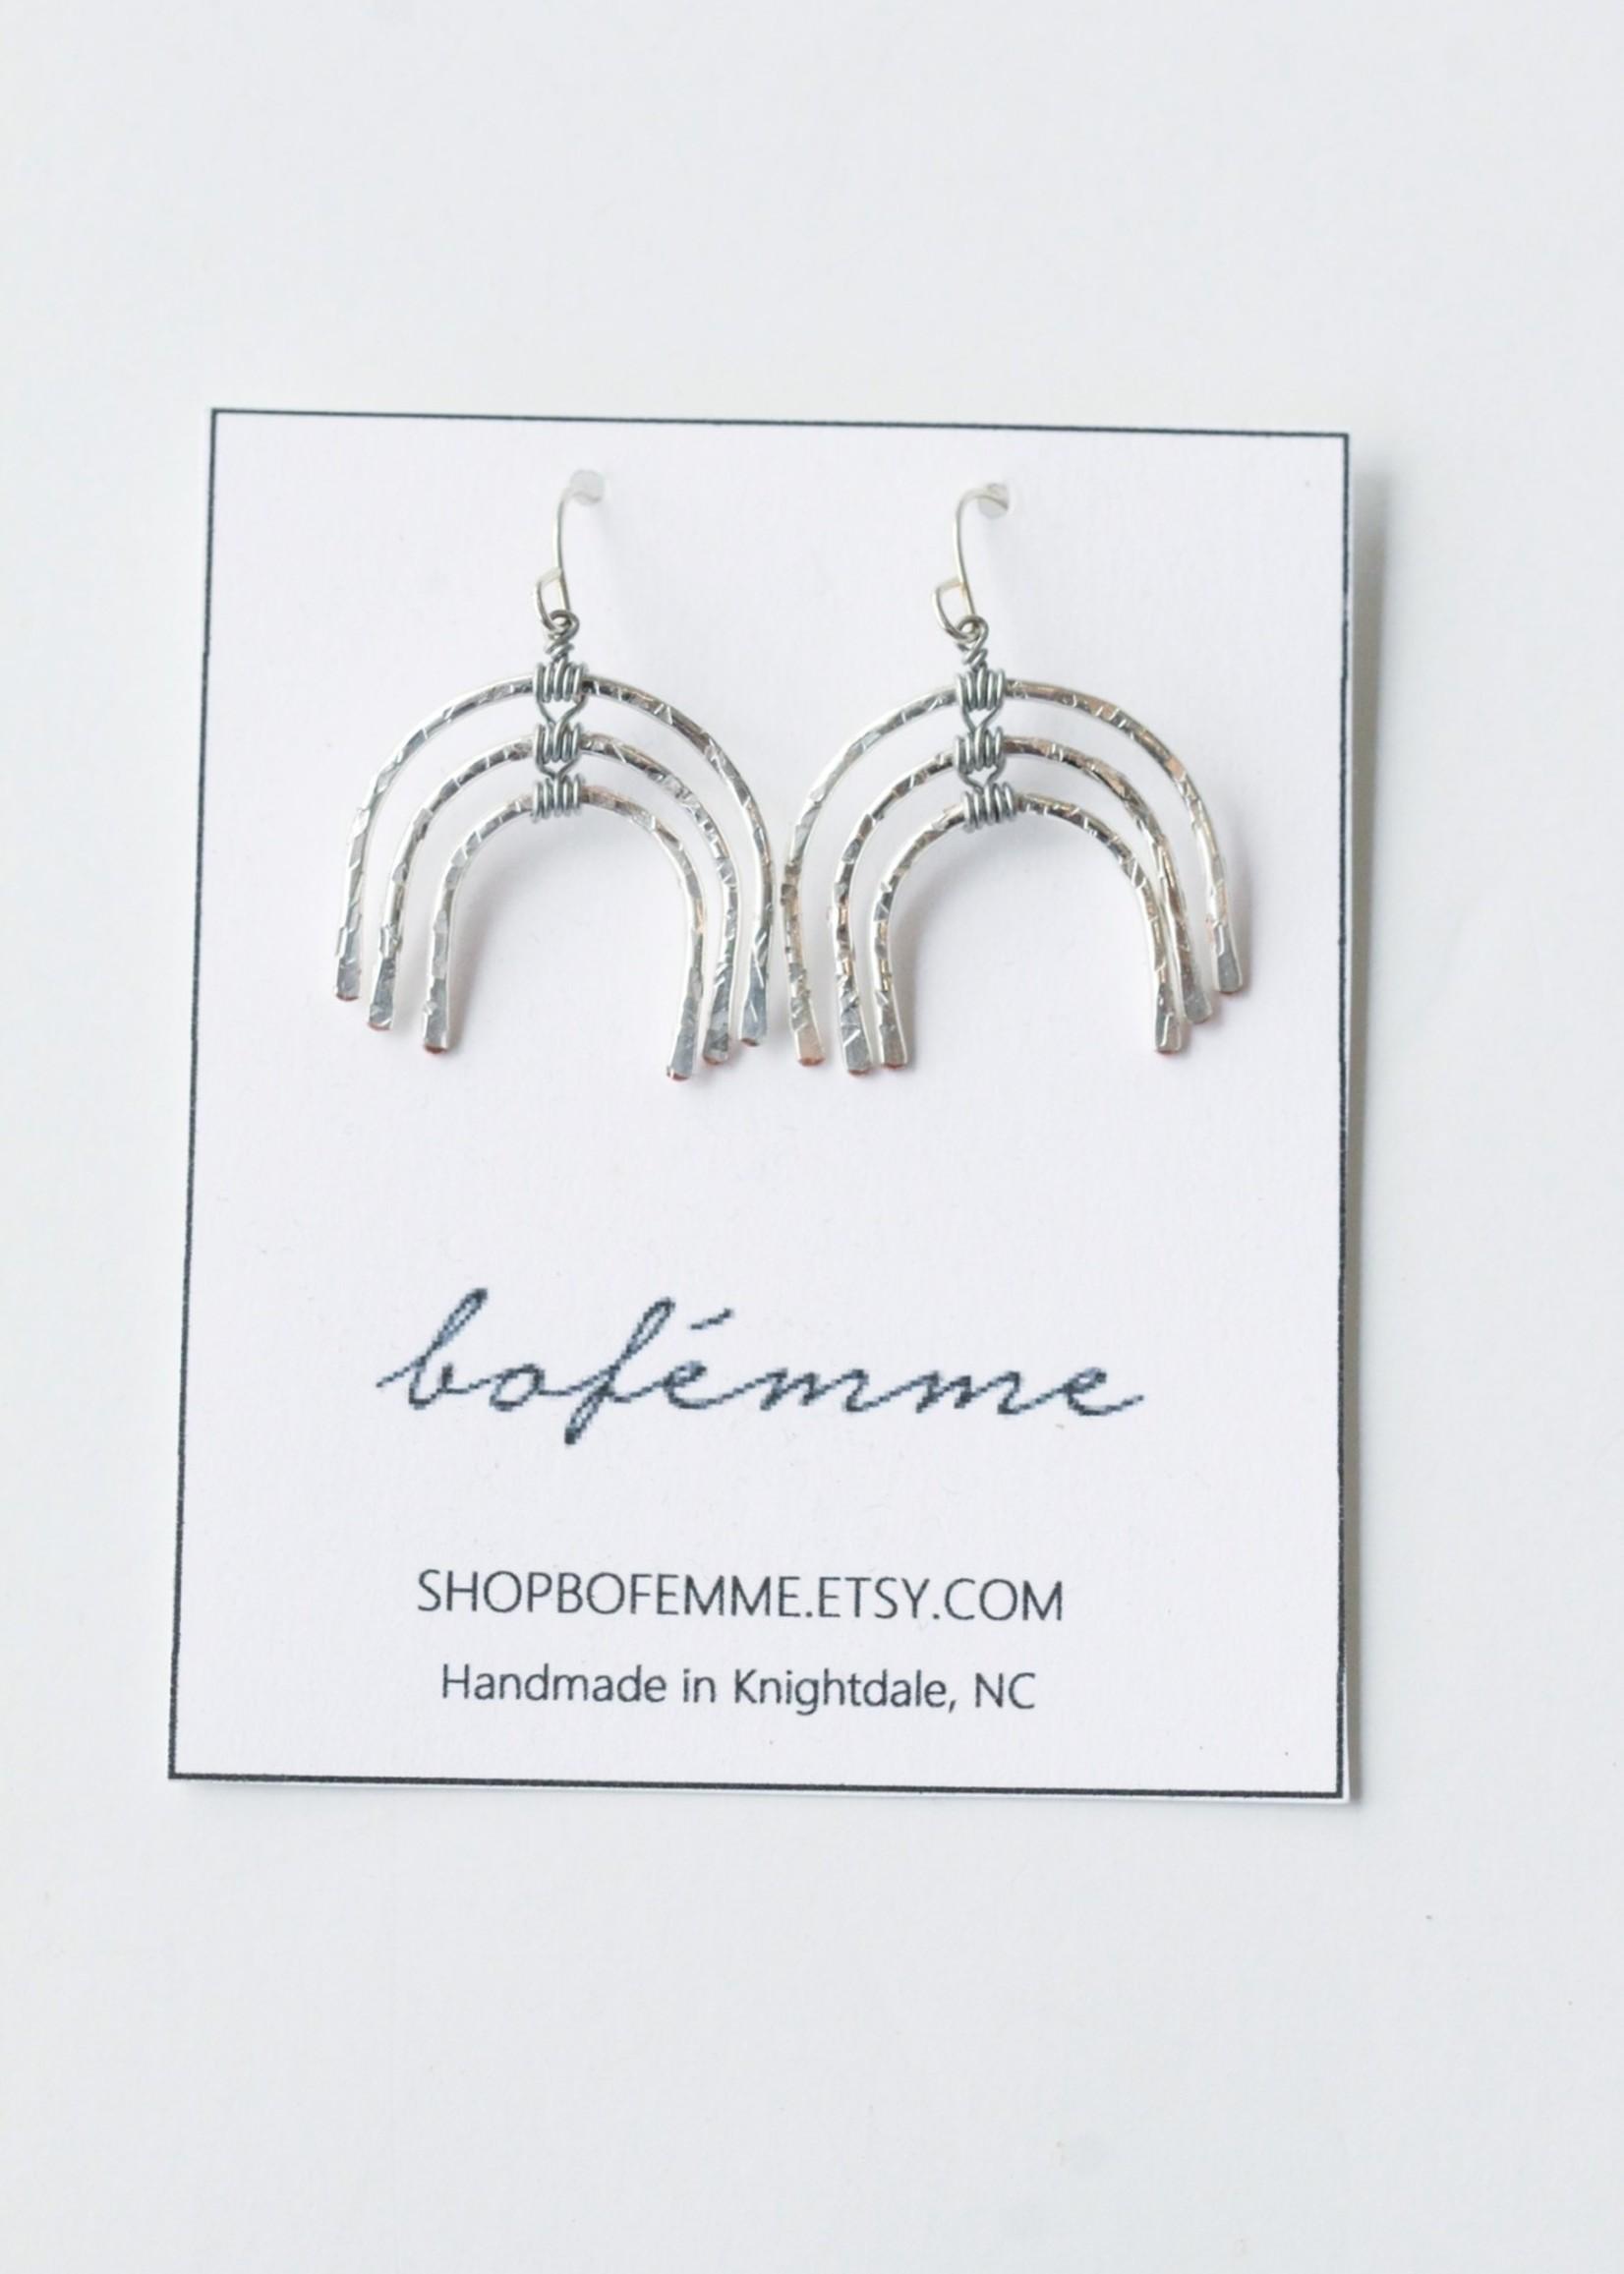 Bofemme Bofemme Sm Rainbow Earrings